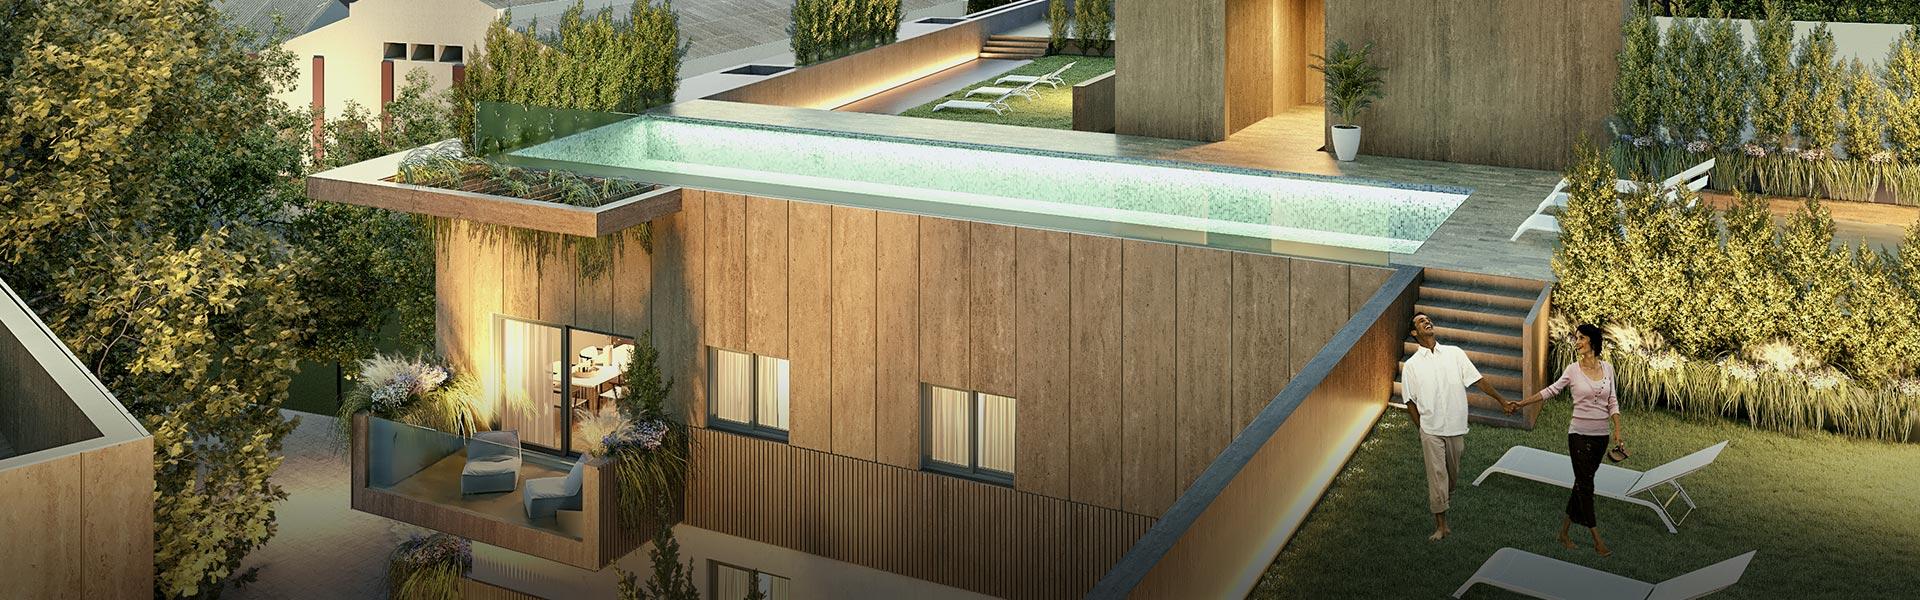 Pisos y áticos exclusivos en Sevilla con piscina comunitria y solarium en azotea